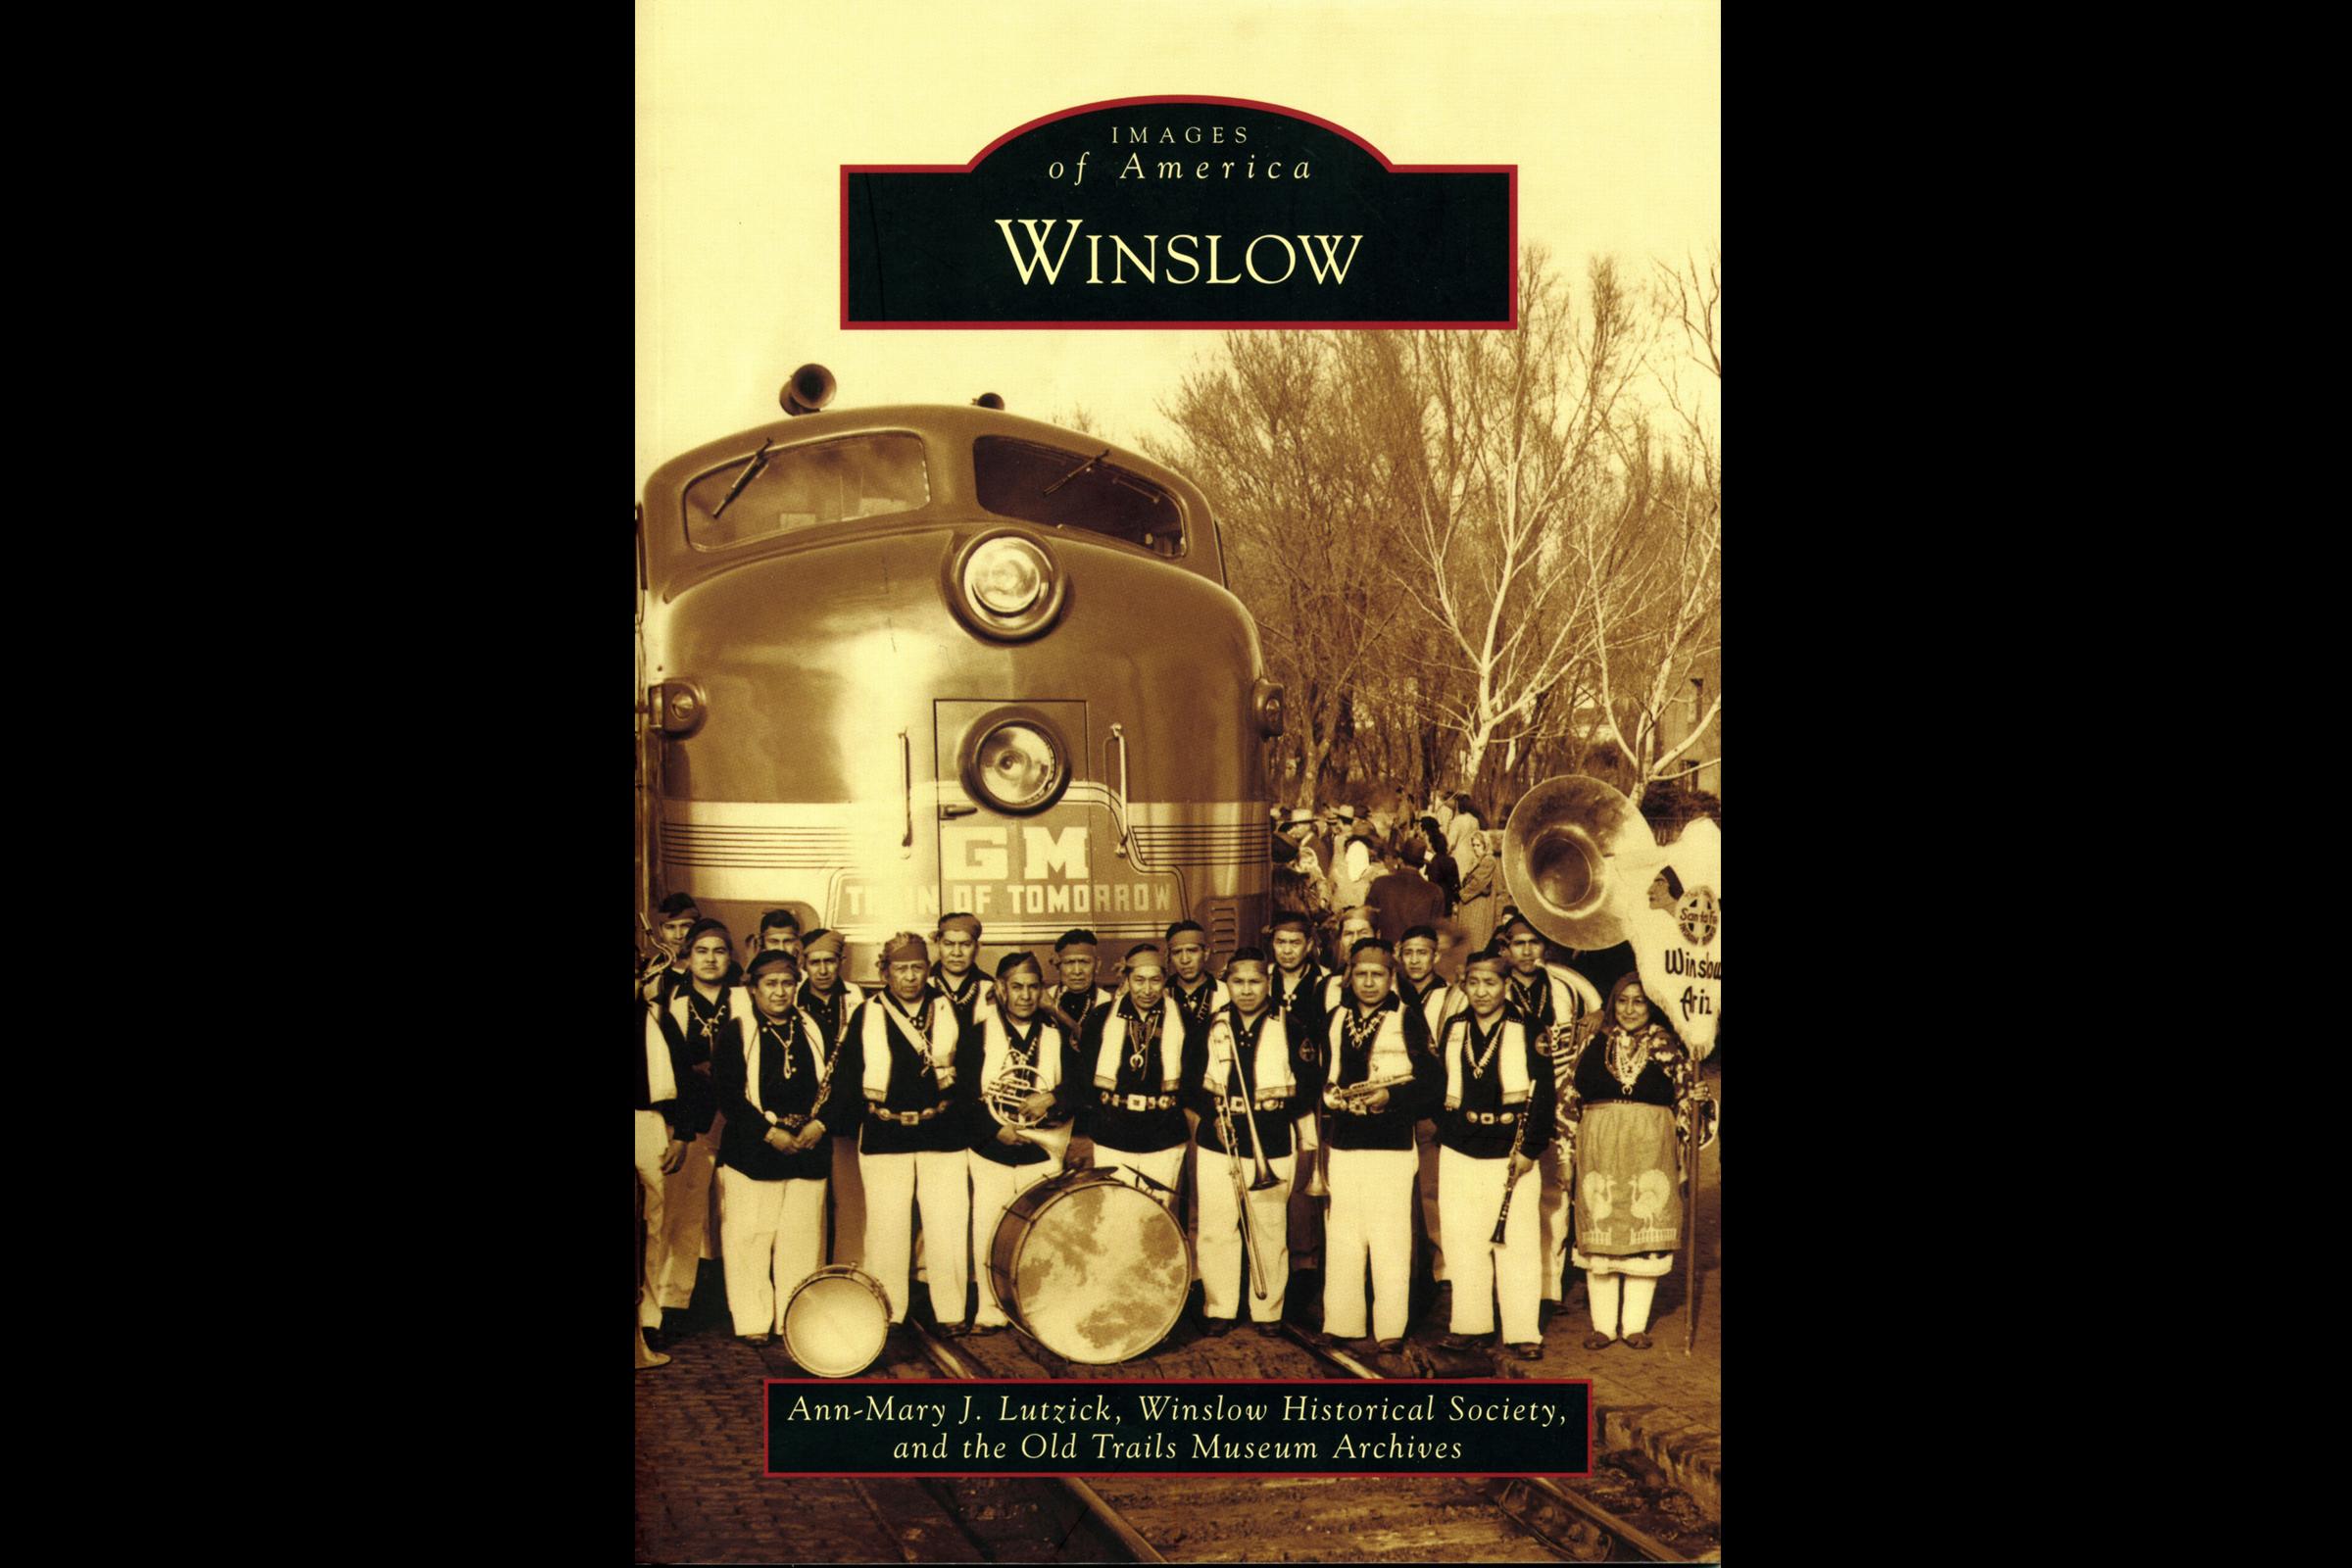 Winslow's Arcadia book